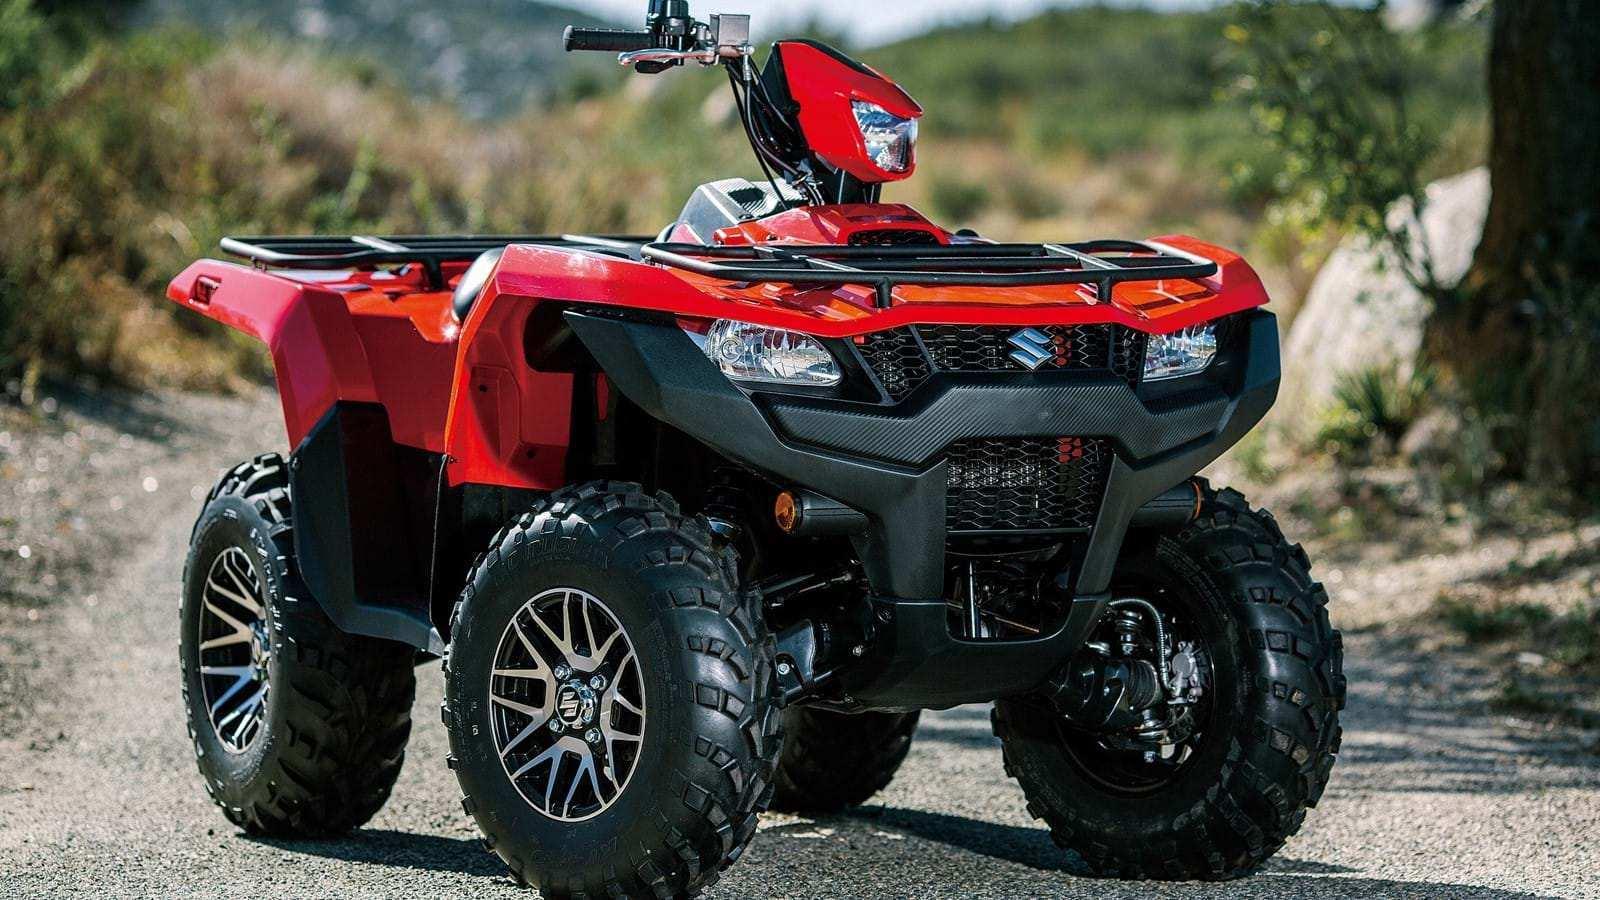 84 Concept of 2019 Suzuki Atv Overview by 2019 Suzuki Atv